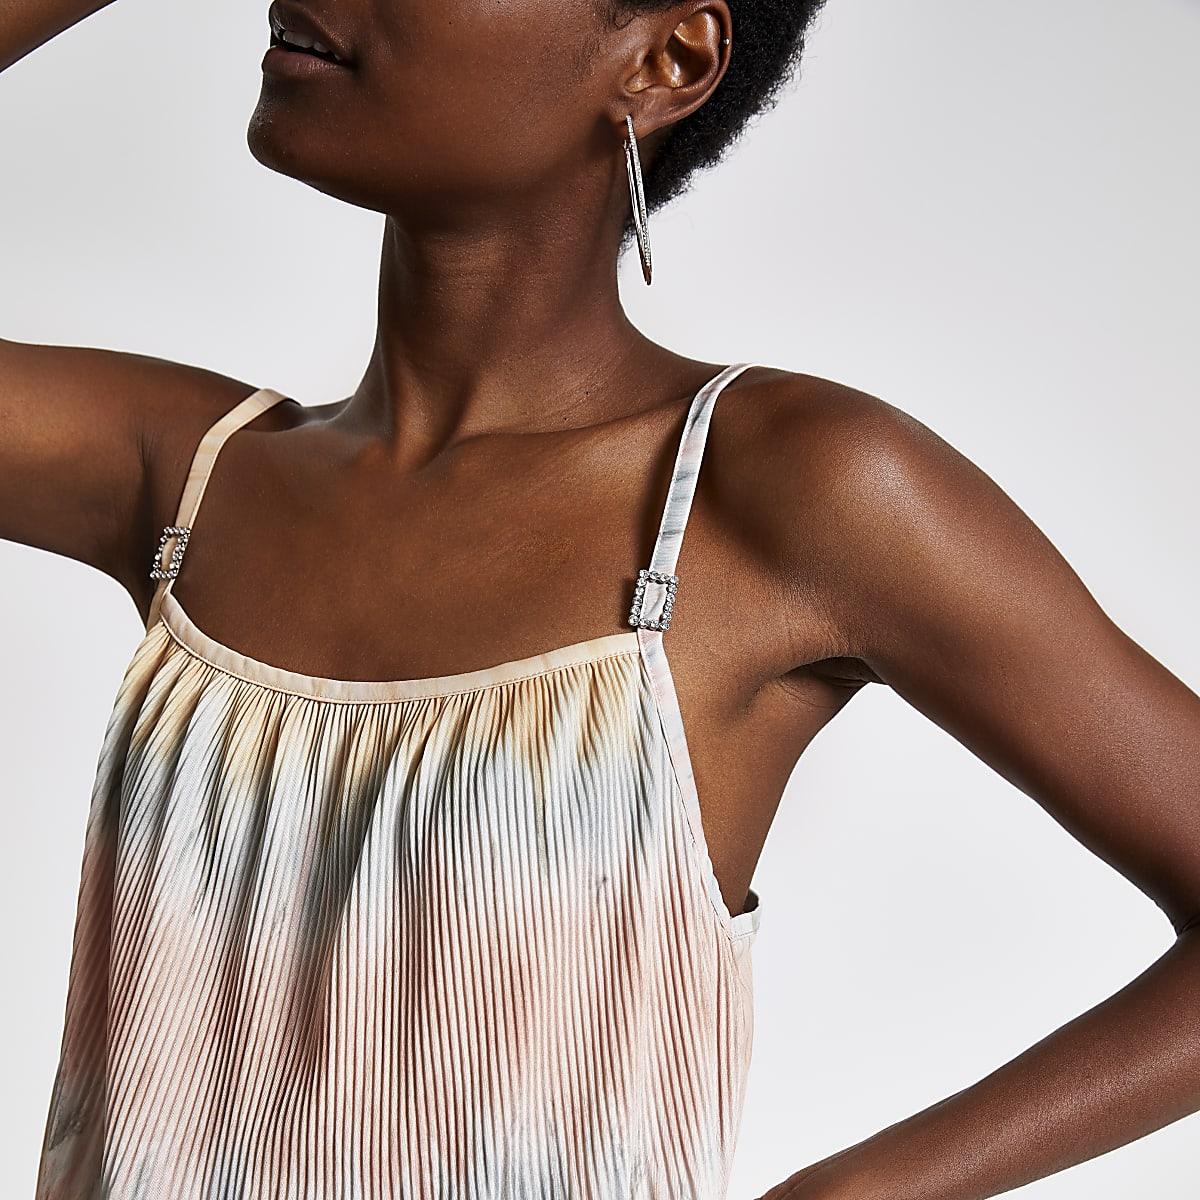 Roze geplooide camitop met tie-dye print